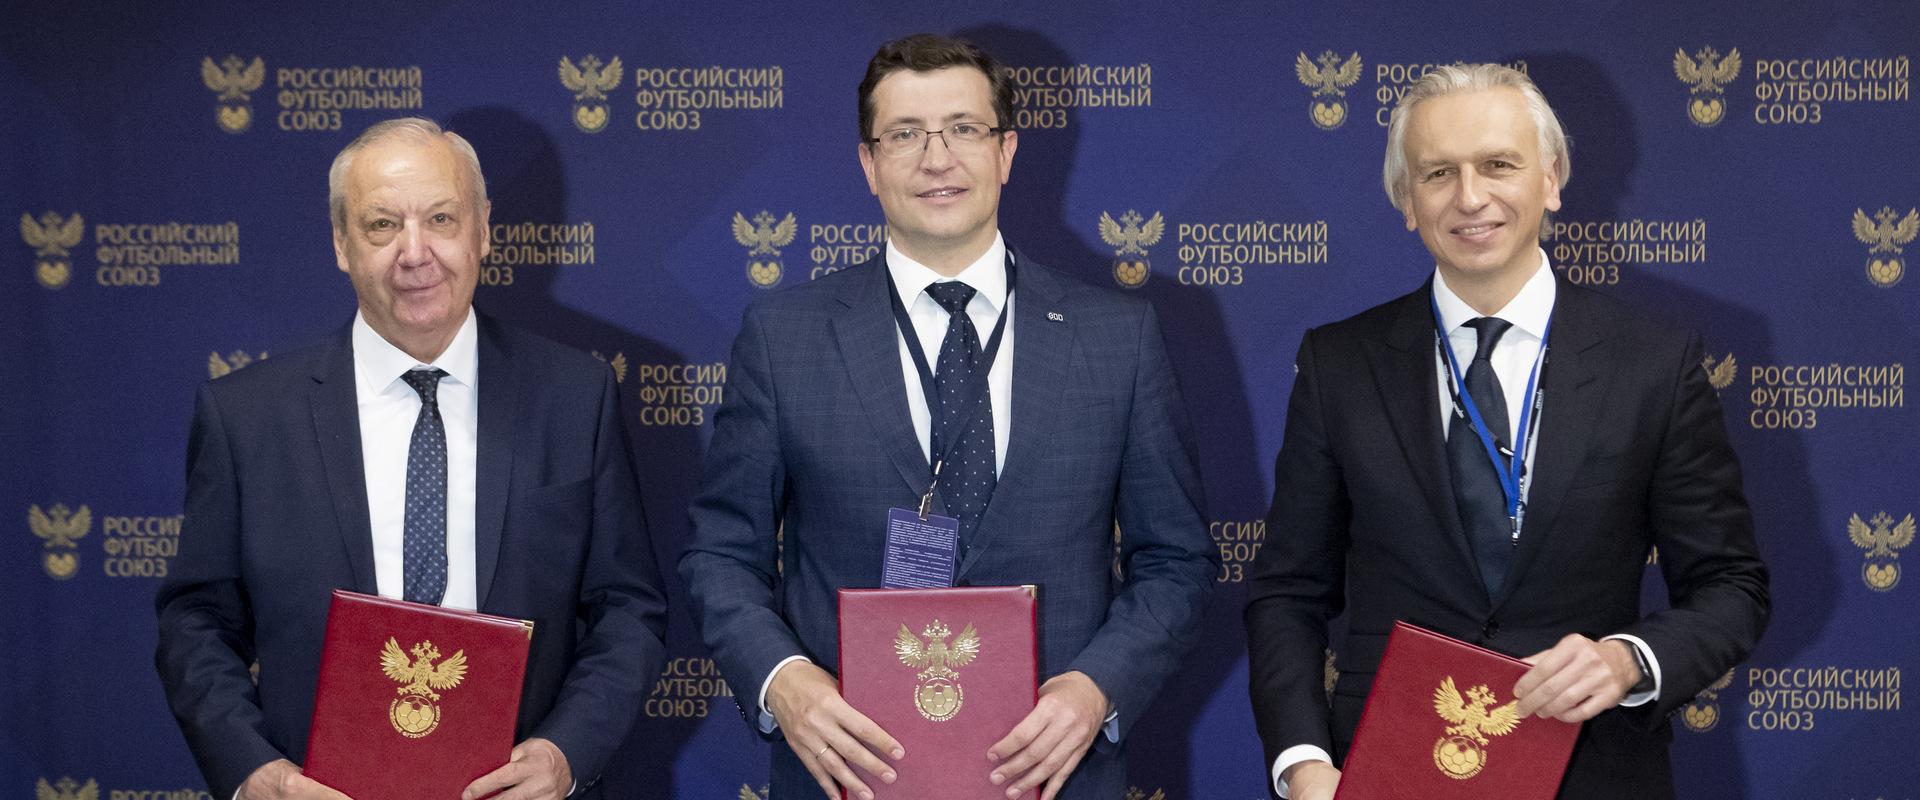 Нижегородская область заключила соглашение о развитии футбола